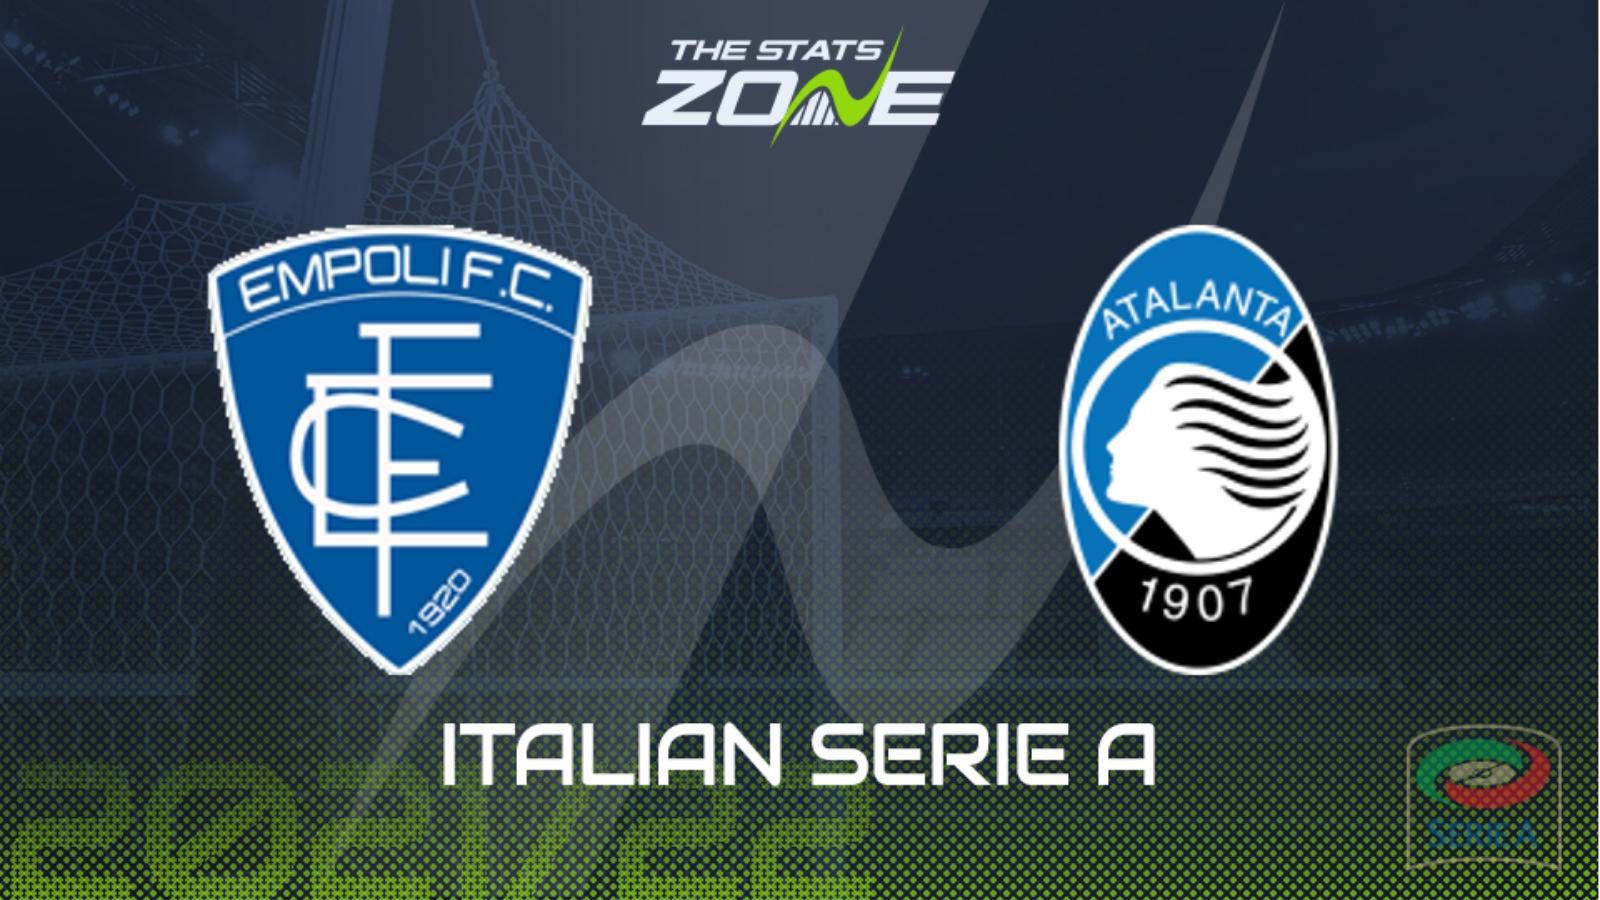 Empoli vs Atalanta Highlights 17 October 2021